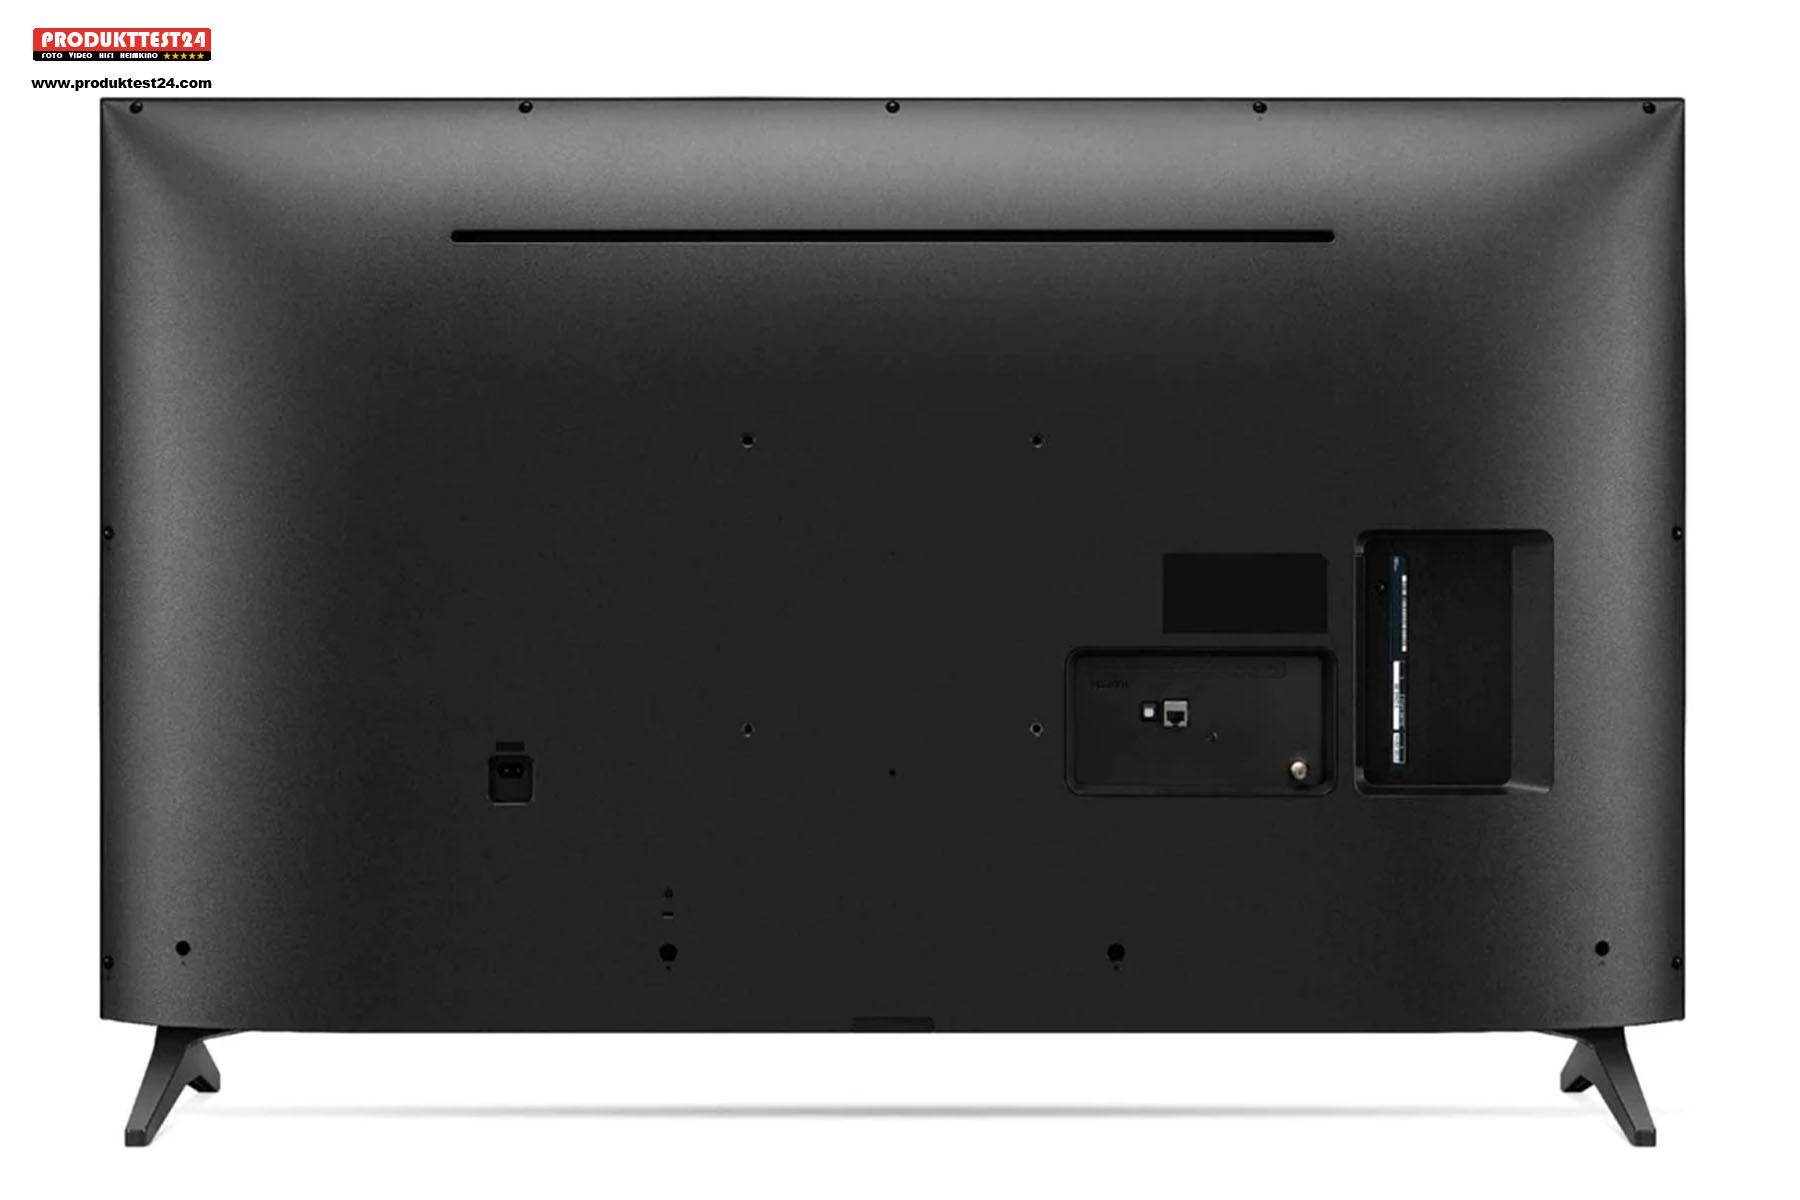 Der LG 50UP75009LF ist nicht gerade schlank